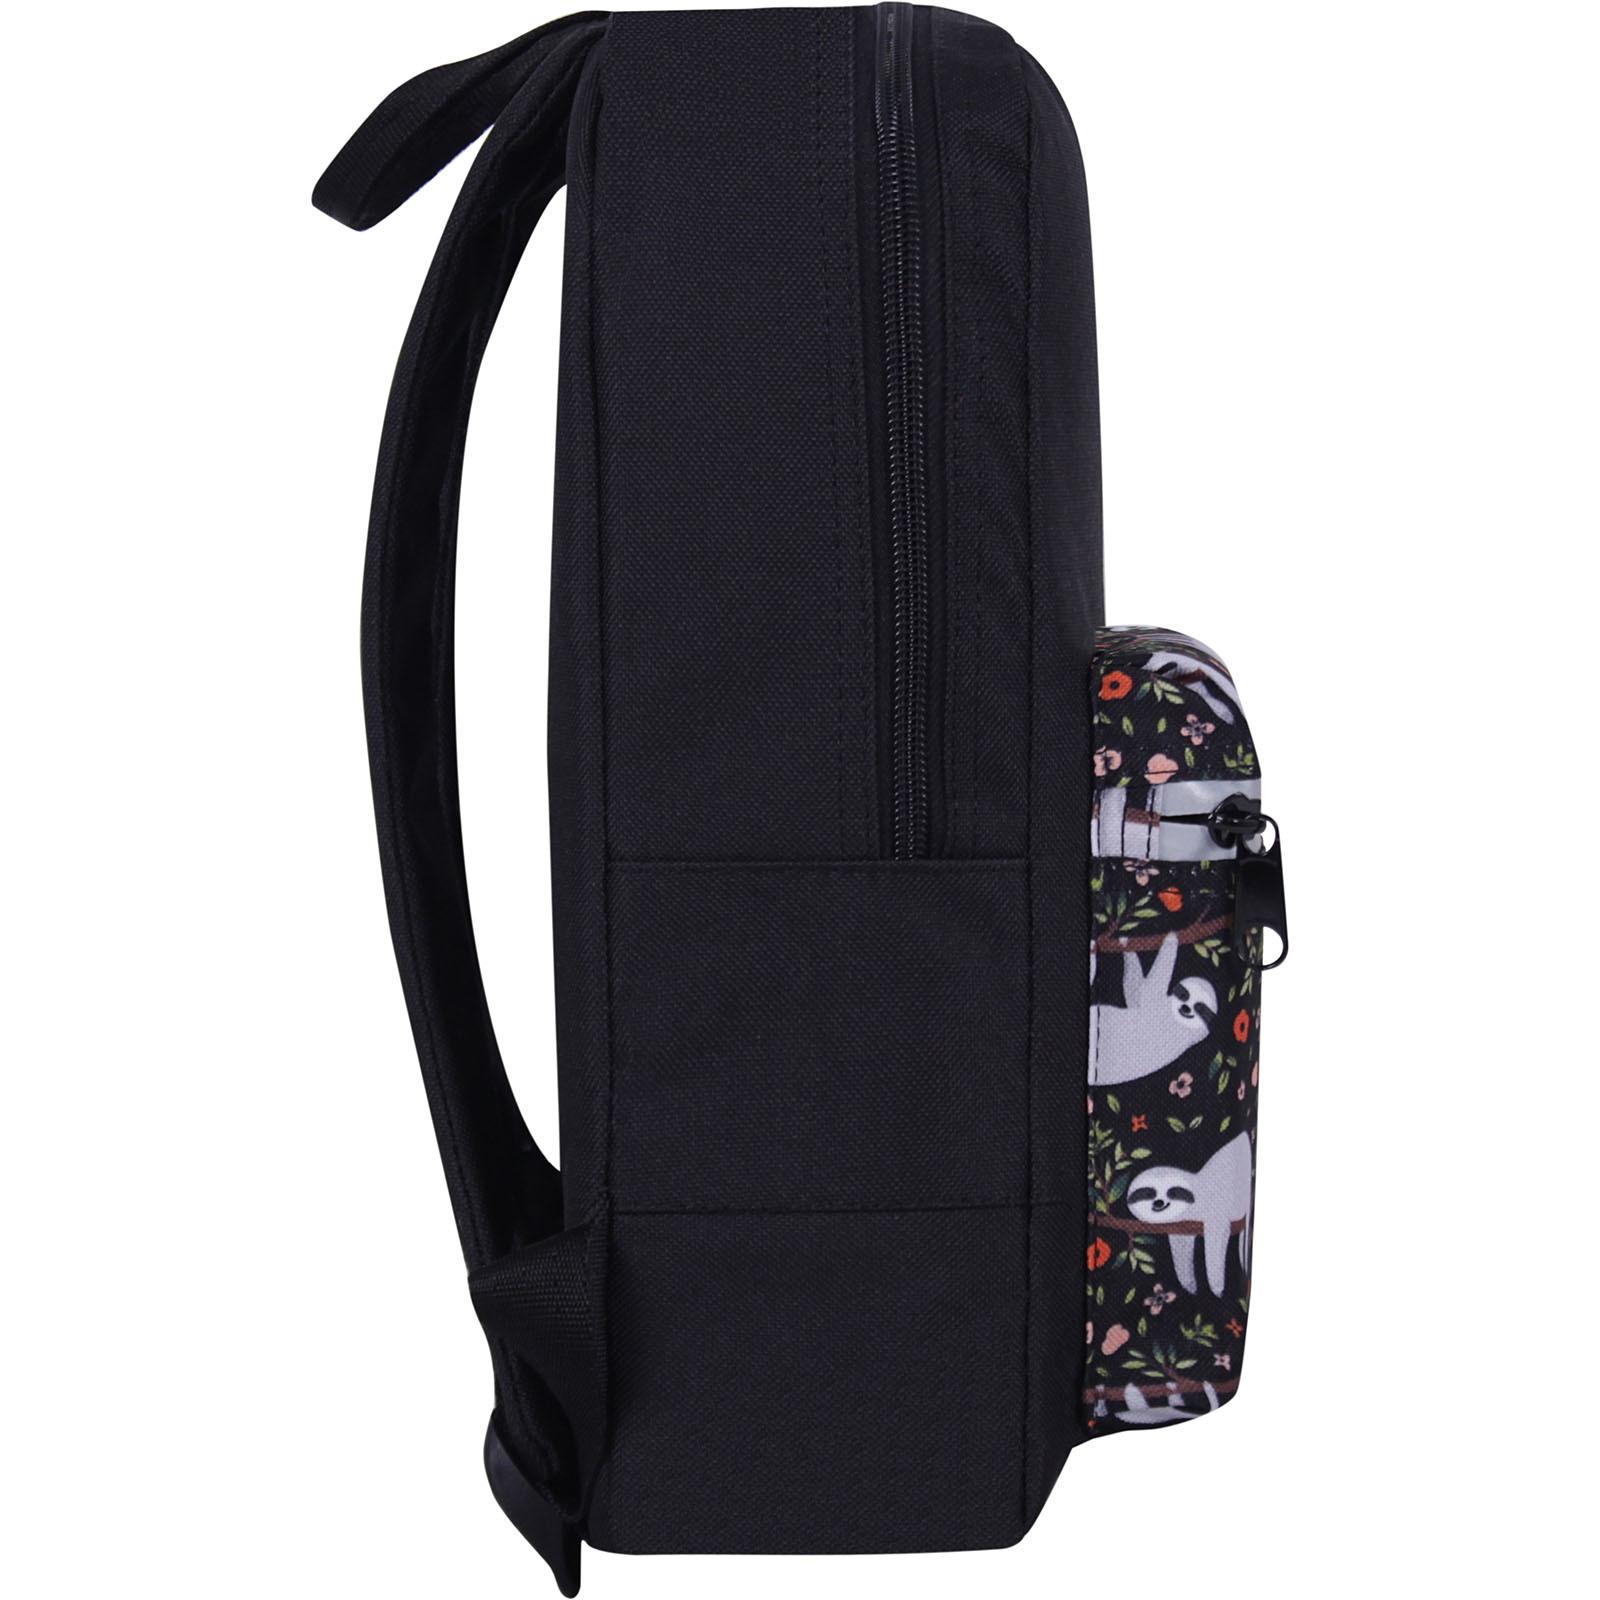 Рюкзак Bagland Молодежный mini 8 л. черный 743 (0050866) фото 2